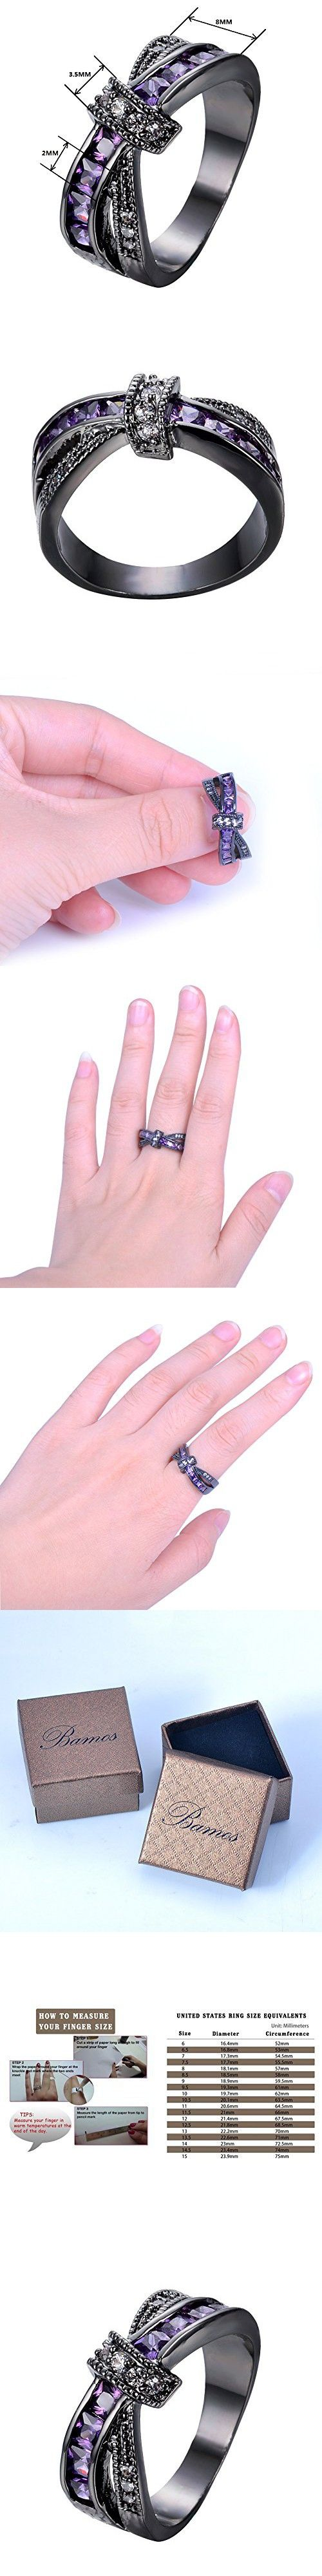 Die besten 25 Purple diamond engagement ring Ideen auf Pinterest